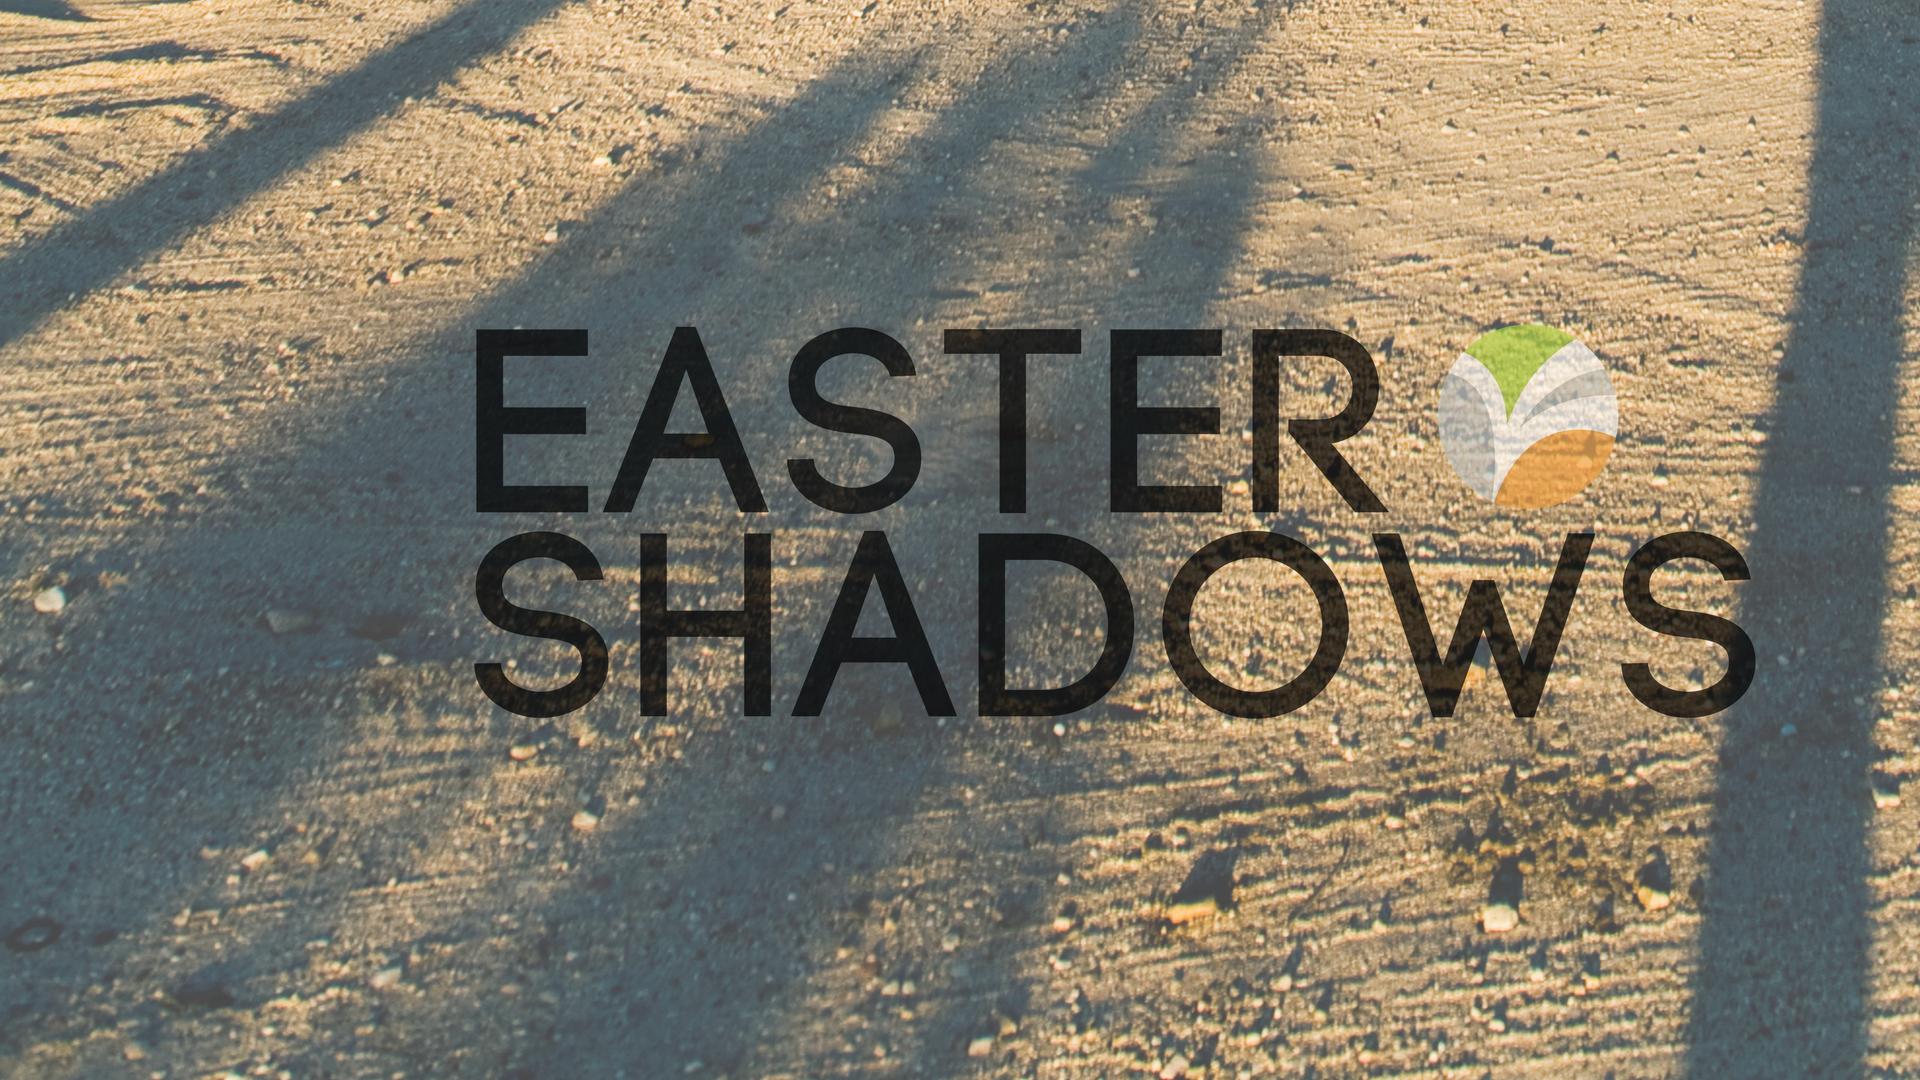 EasterShadows.png